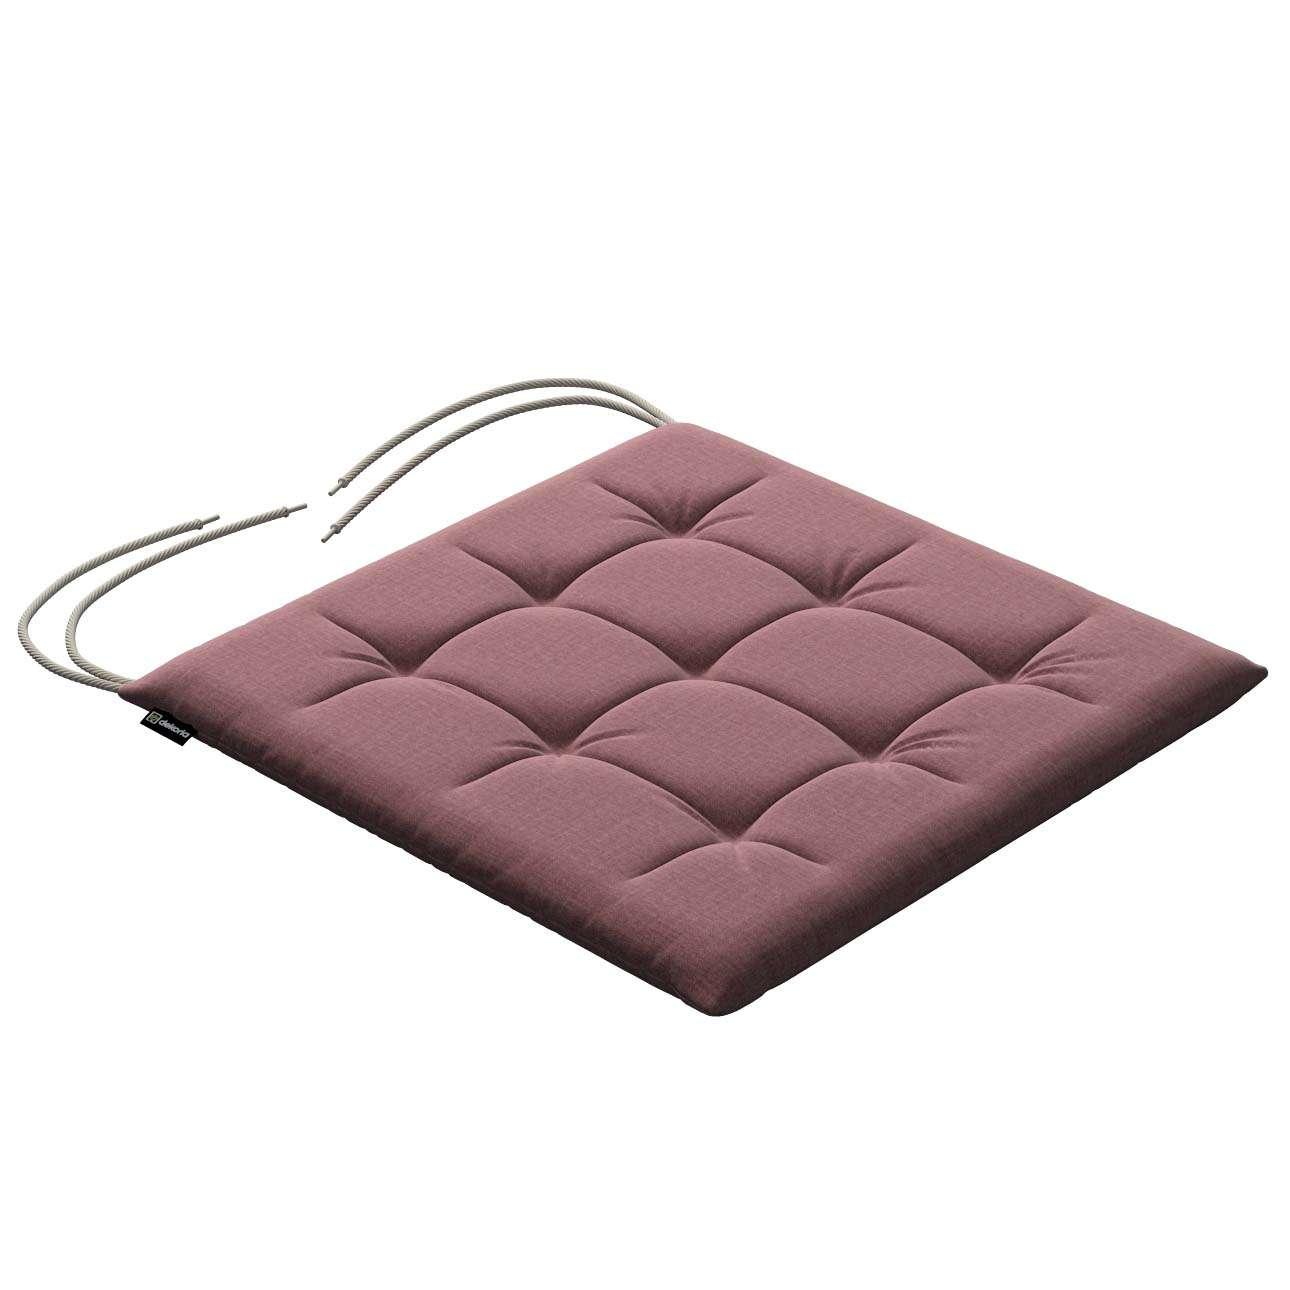 Siedzisko Karol na krzesło w kolekcji Ingrid, tkanina: 705-38